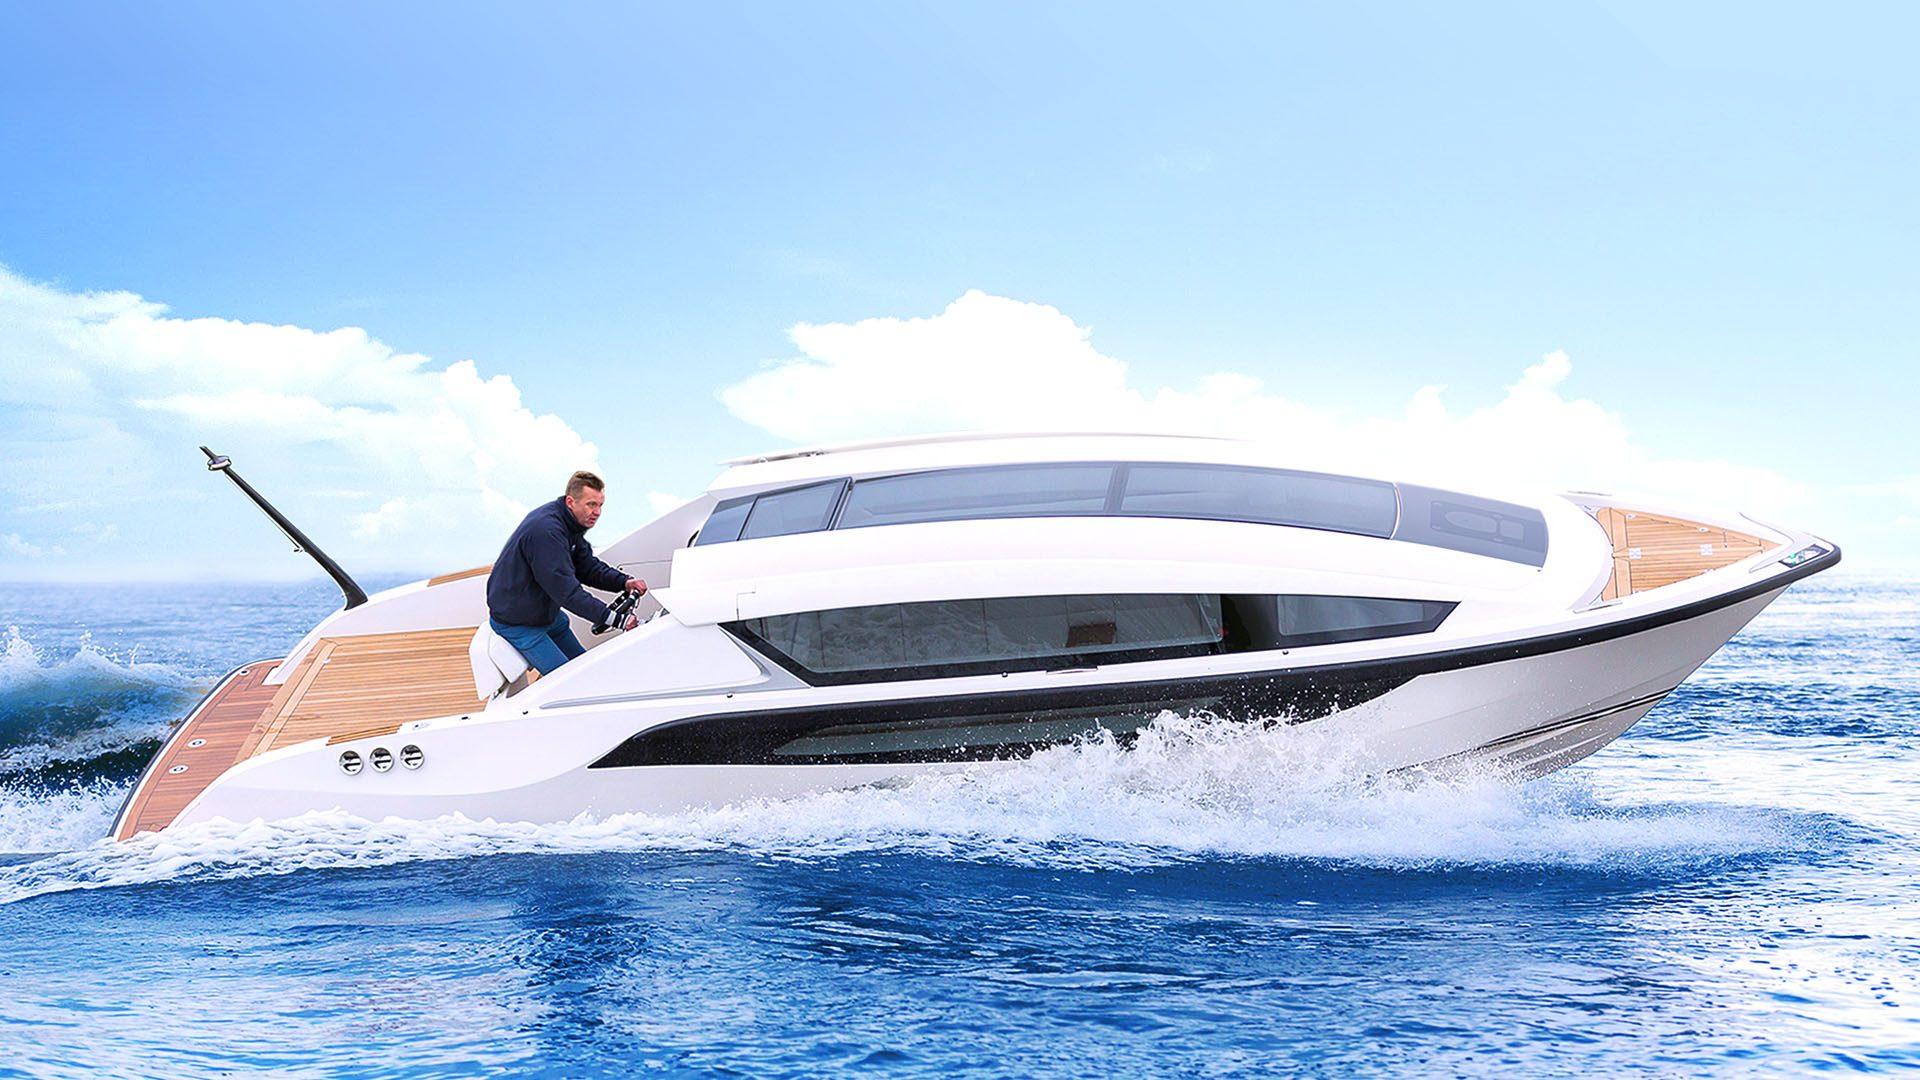 Superyacht tender boat design by Hamid Bekradi Silverline tender